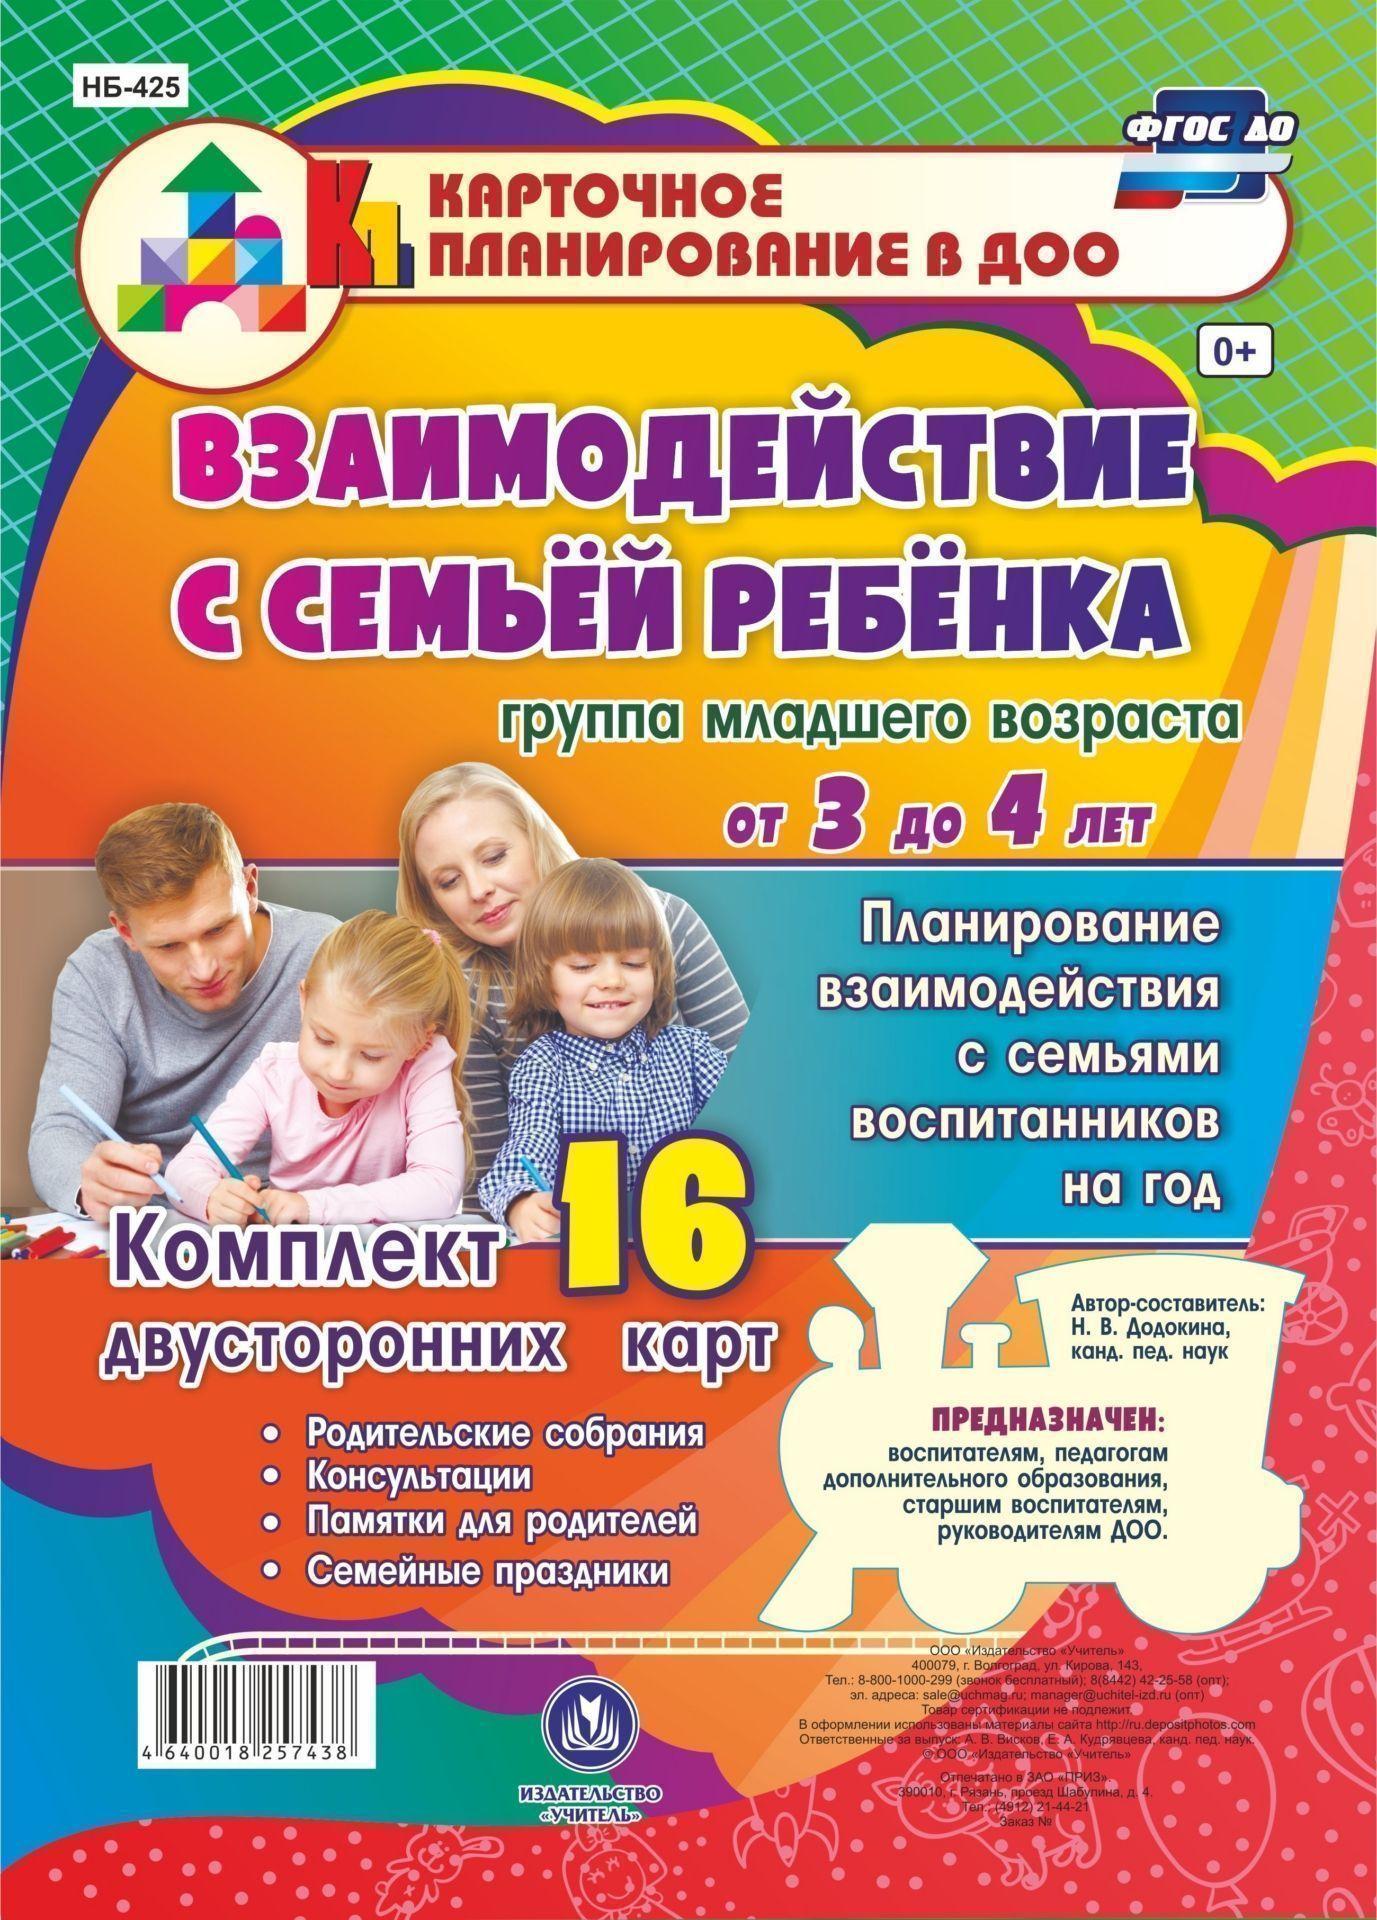 Взаимодействие с семьёй ребёнка. Планирование взаимодействия с семьями воспитанников на год. Группа младшего возраста от 3 до 4 лет: родительские собрания, консультации, памятки для родителей, семейные праздники. Комплект из 16 двусторонних картВоспитателю ДОО<br>Взаимодействие семьи и образовательного учреждения регулируется огромным количеством нормативно-правовых актов различного уровня: от международных до локальных, касающихся деятельности конкретного образовательного учреждения. Семья рассматривается как пер...<br><br>Авторы: Додокина Н.В.<br>Год: 2017<br>Серия: Карточное планирование в ДОО<br>Высота: 297<br>Ширина: 210<br>Переплёт: набор